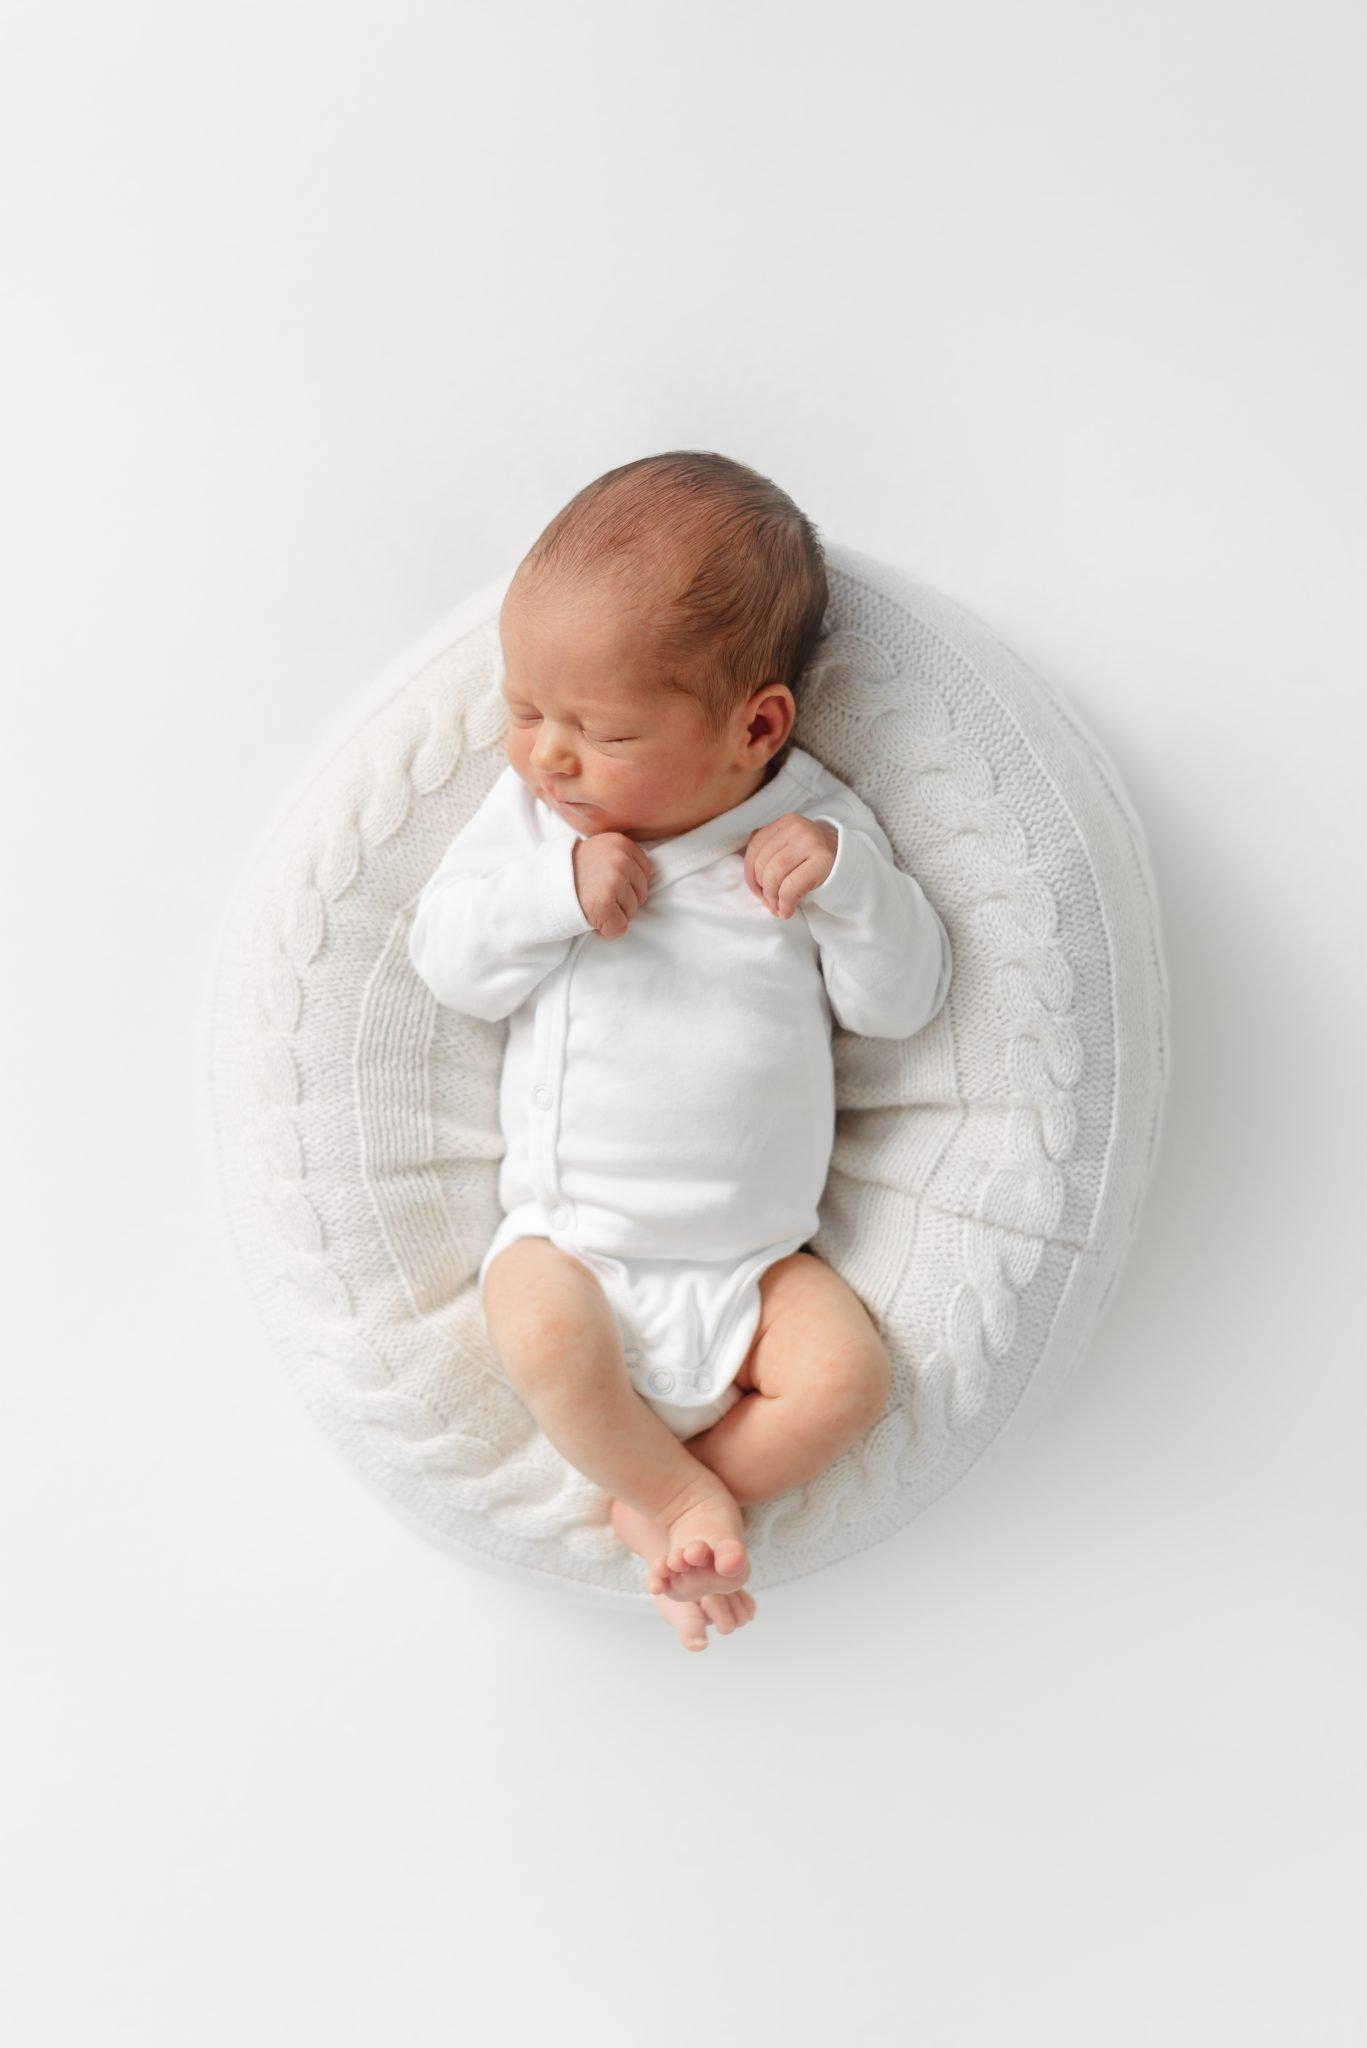 schlafendes Baby in Babynestchen aus der Vogelperspektive